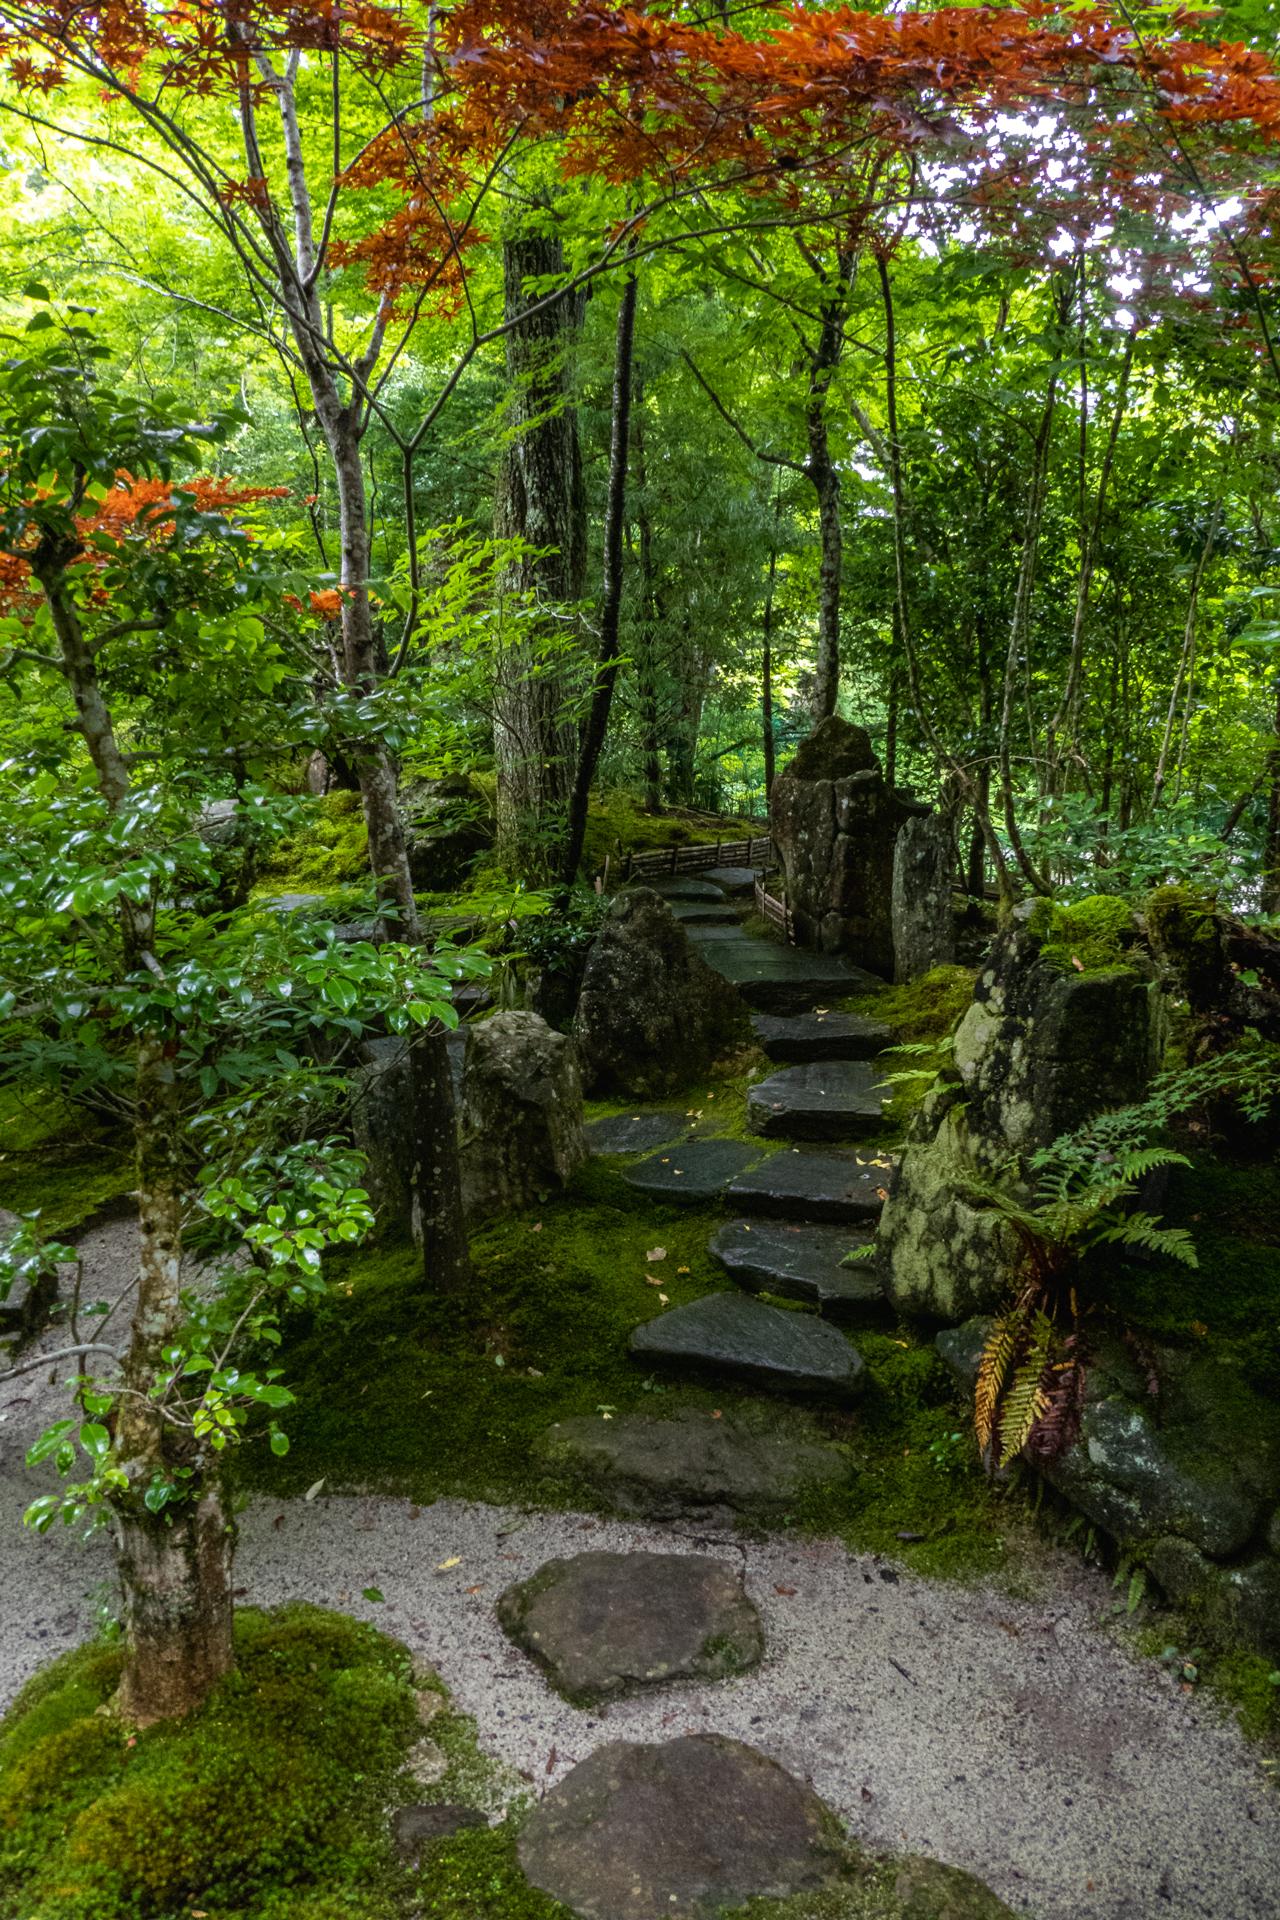 P1001640 京都府 宝泉院(額縁庭園と新緑の景色が美しい夏におすすめスポット!写真の紹介、アクセス情報など)